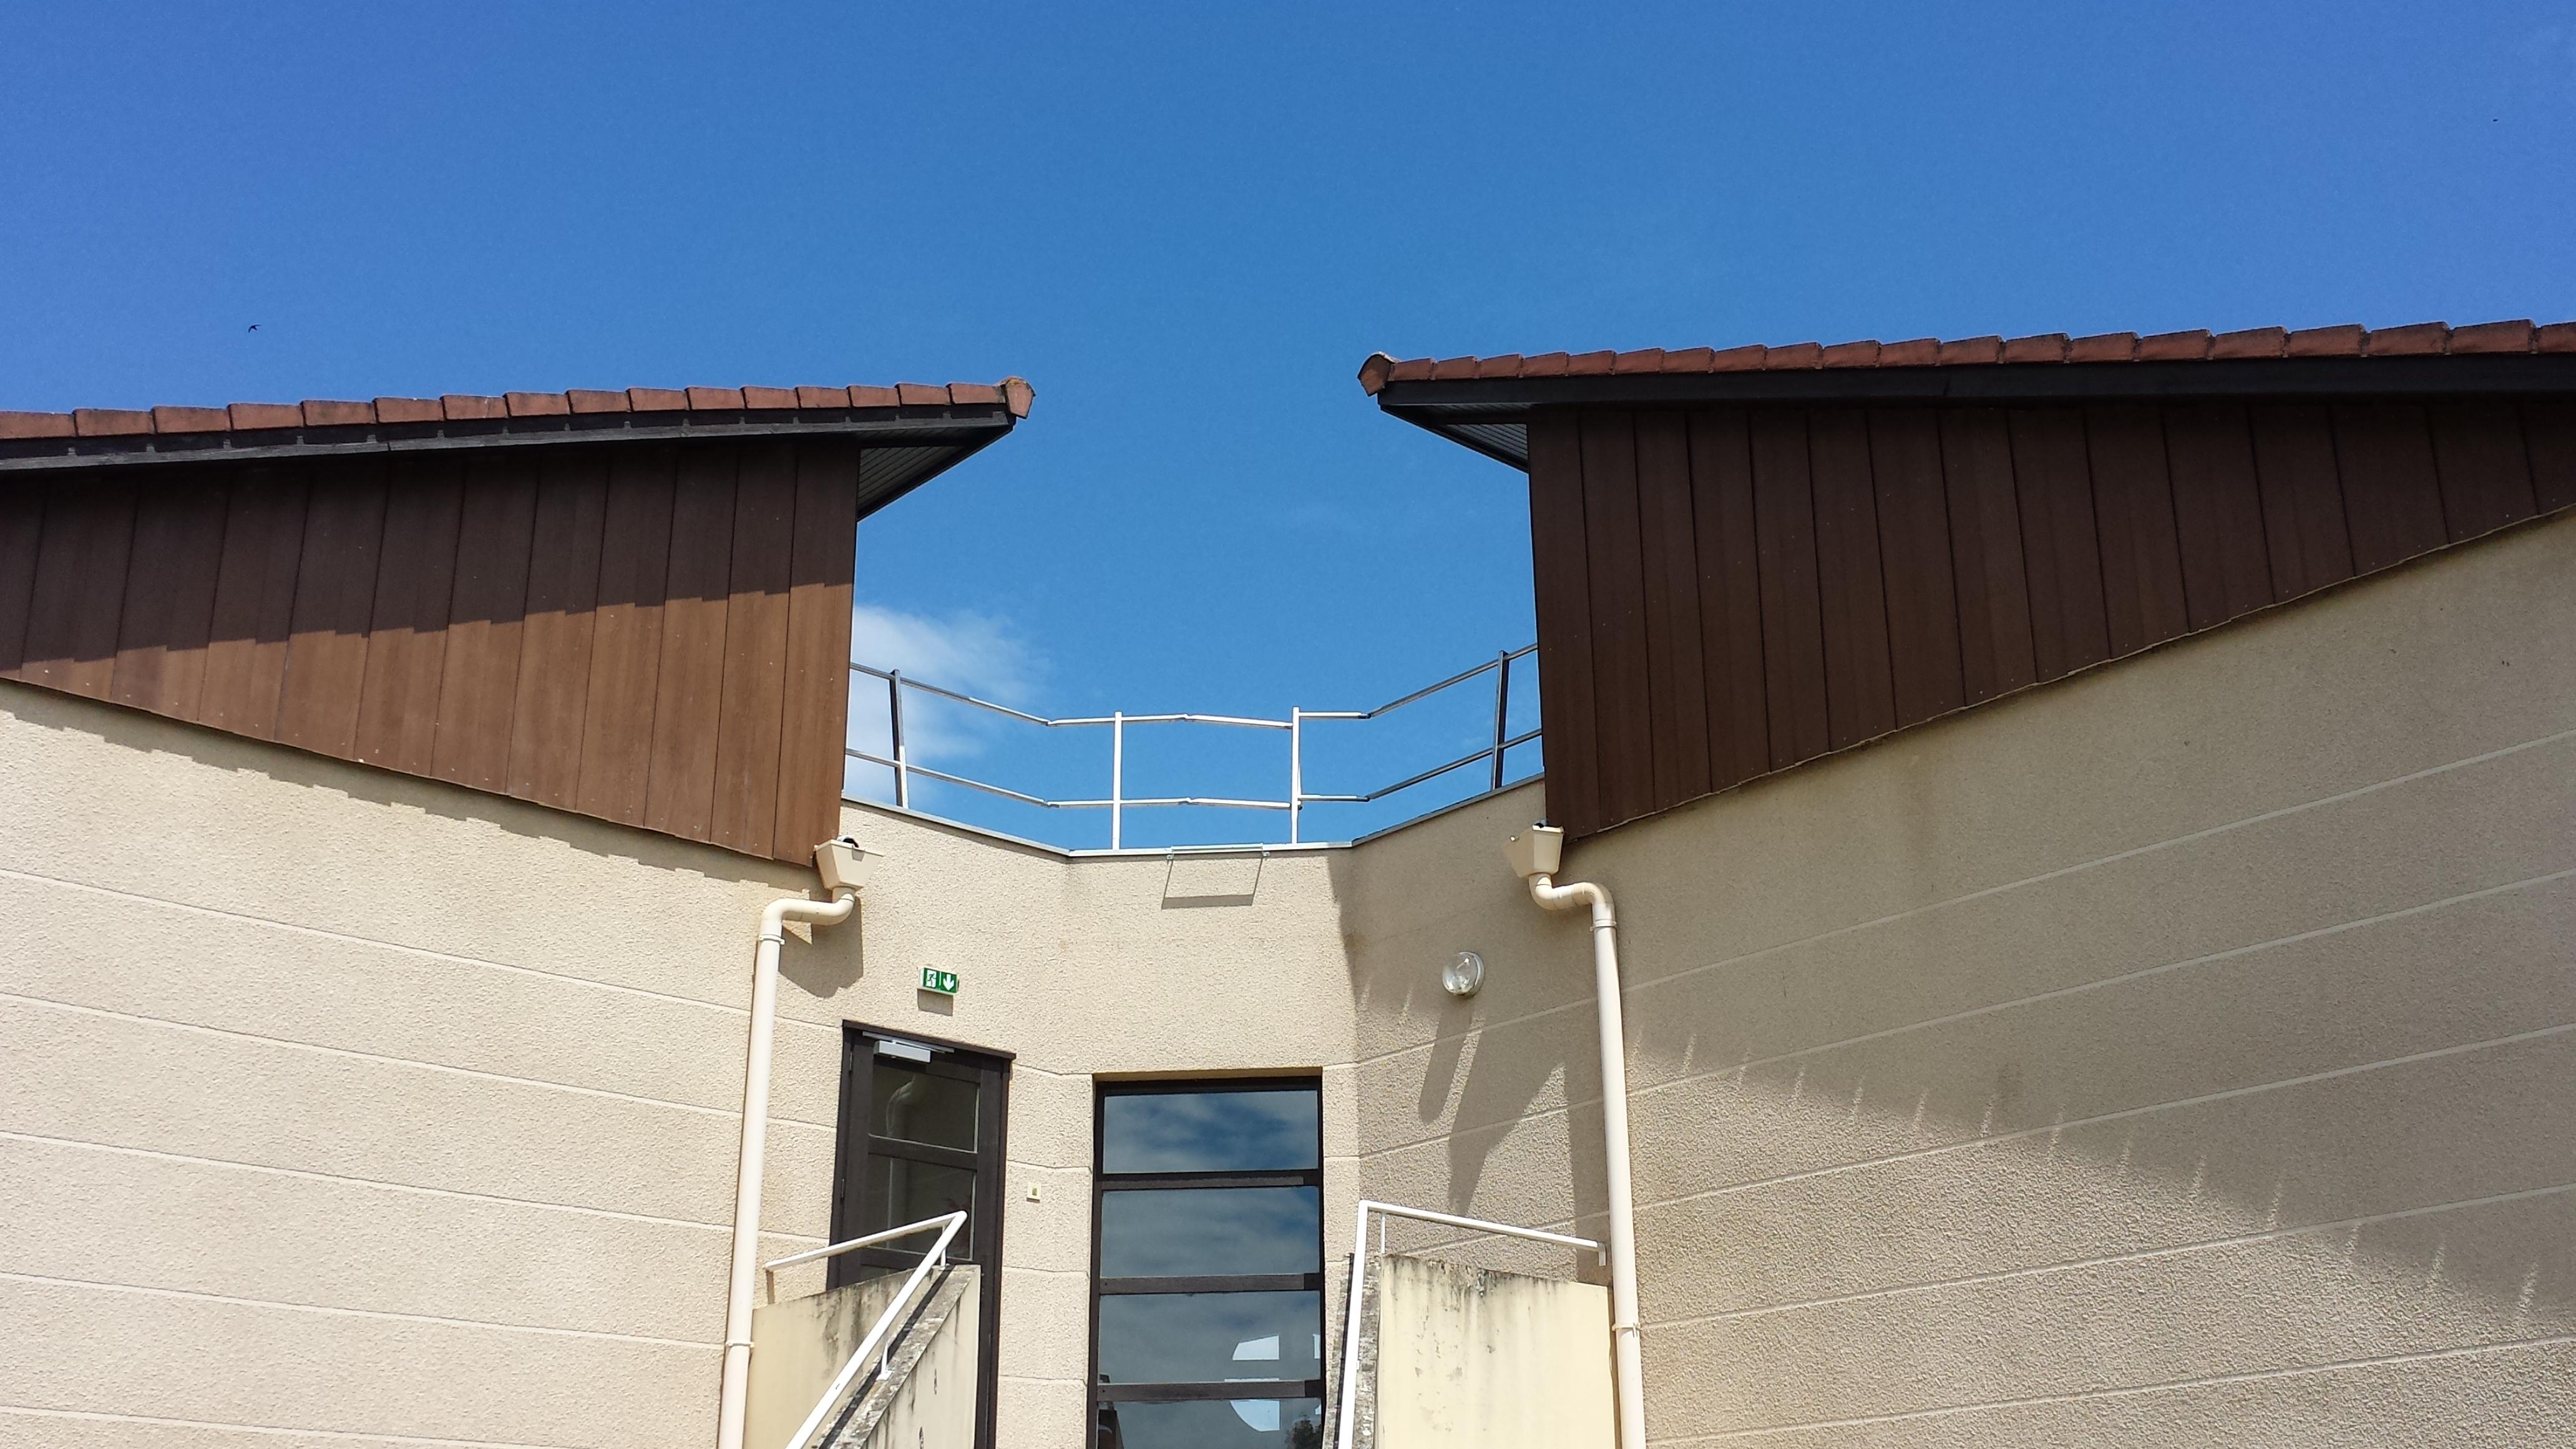 garde corps autoportants pour protection toiture terrasse s curise toit. Black Bedroom Furniture Sets. Home Design Ideas